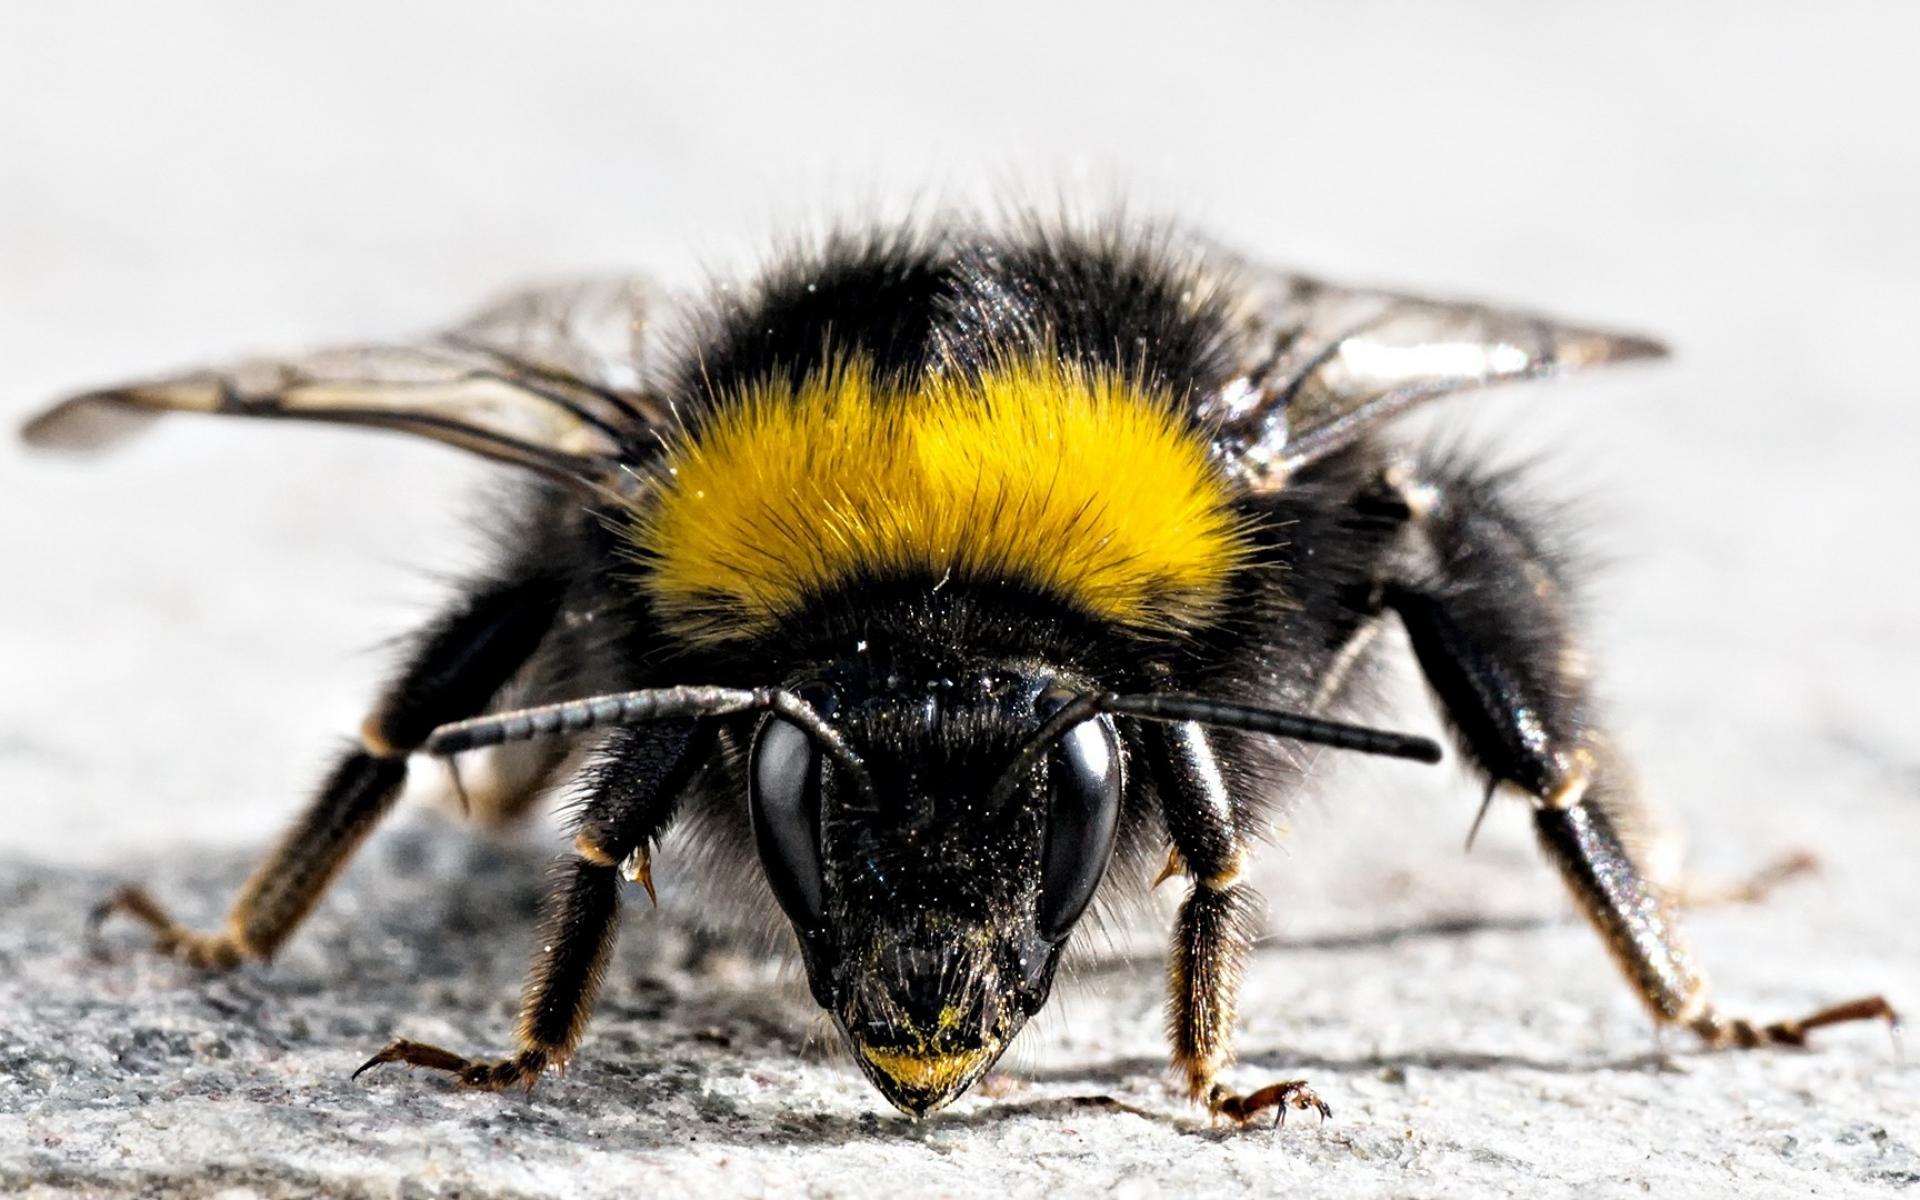 Картинки Пчела, насекомое, поверхность, крылья, полосатые фото и обои на рабочий стол